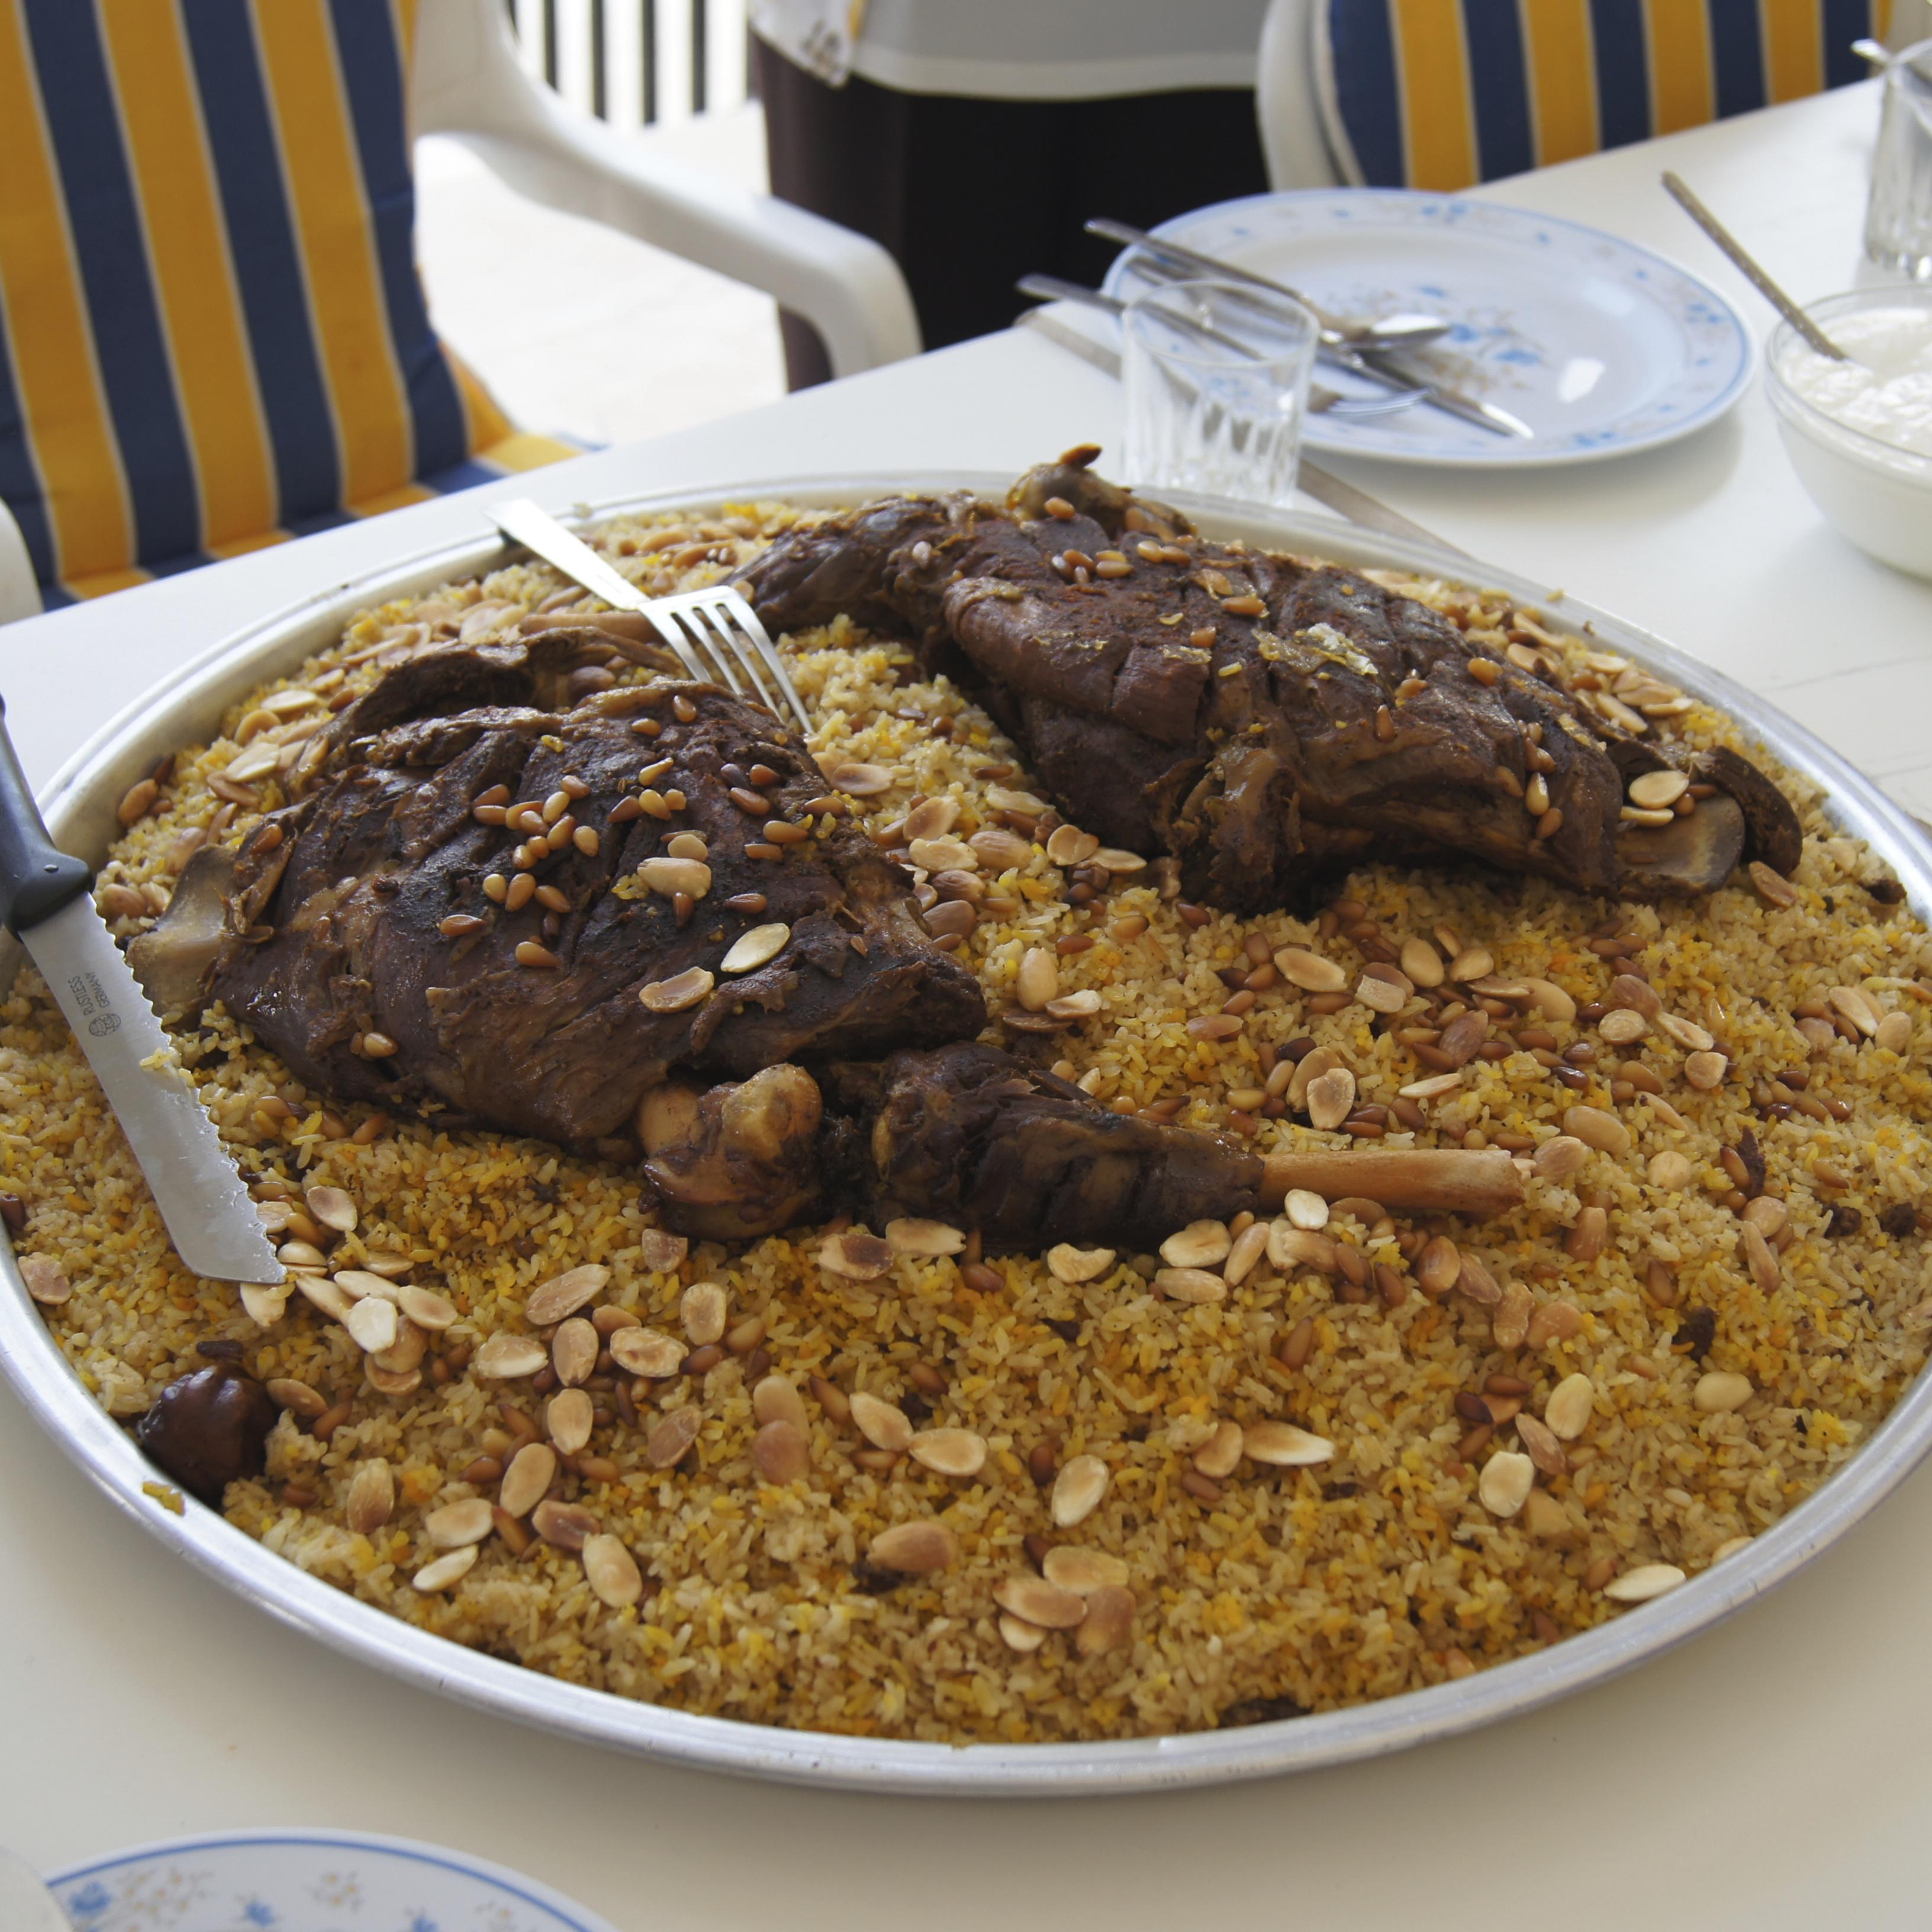 What I ate in Jordan: Food glorious food!